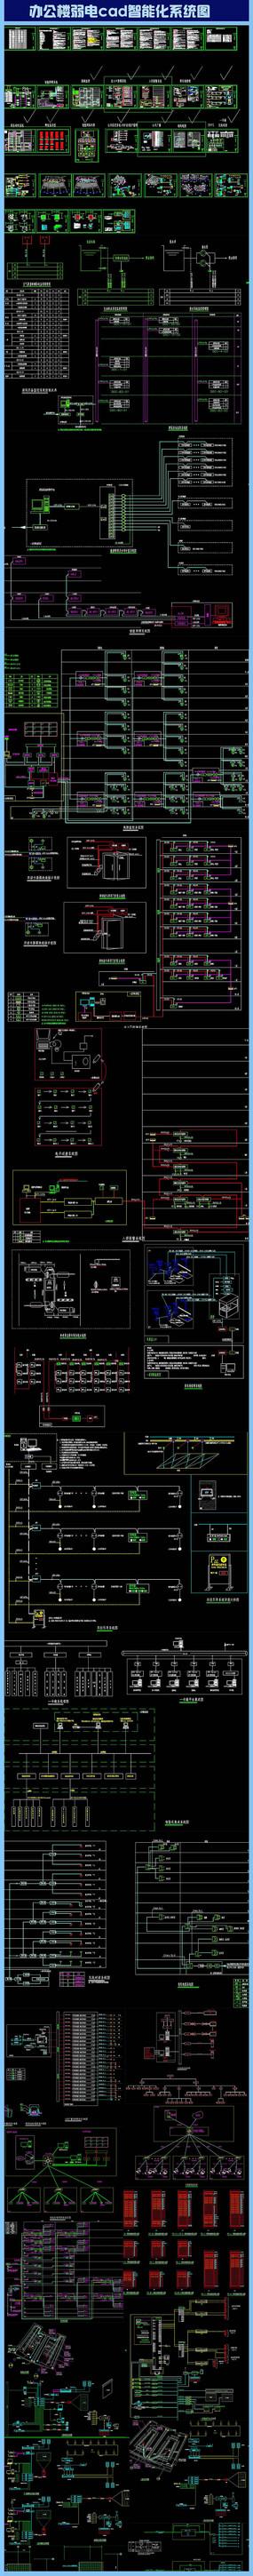 办公楼弱电cad智能化系统图